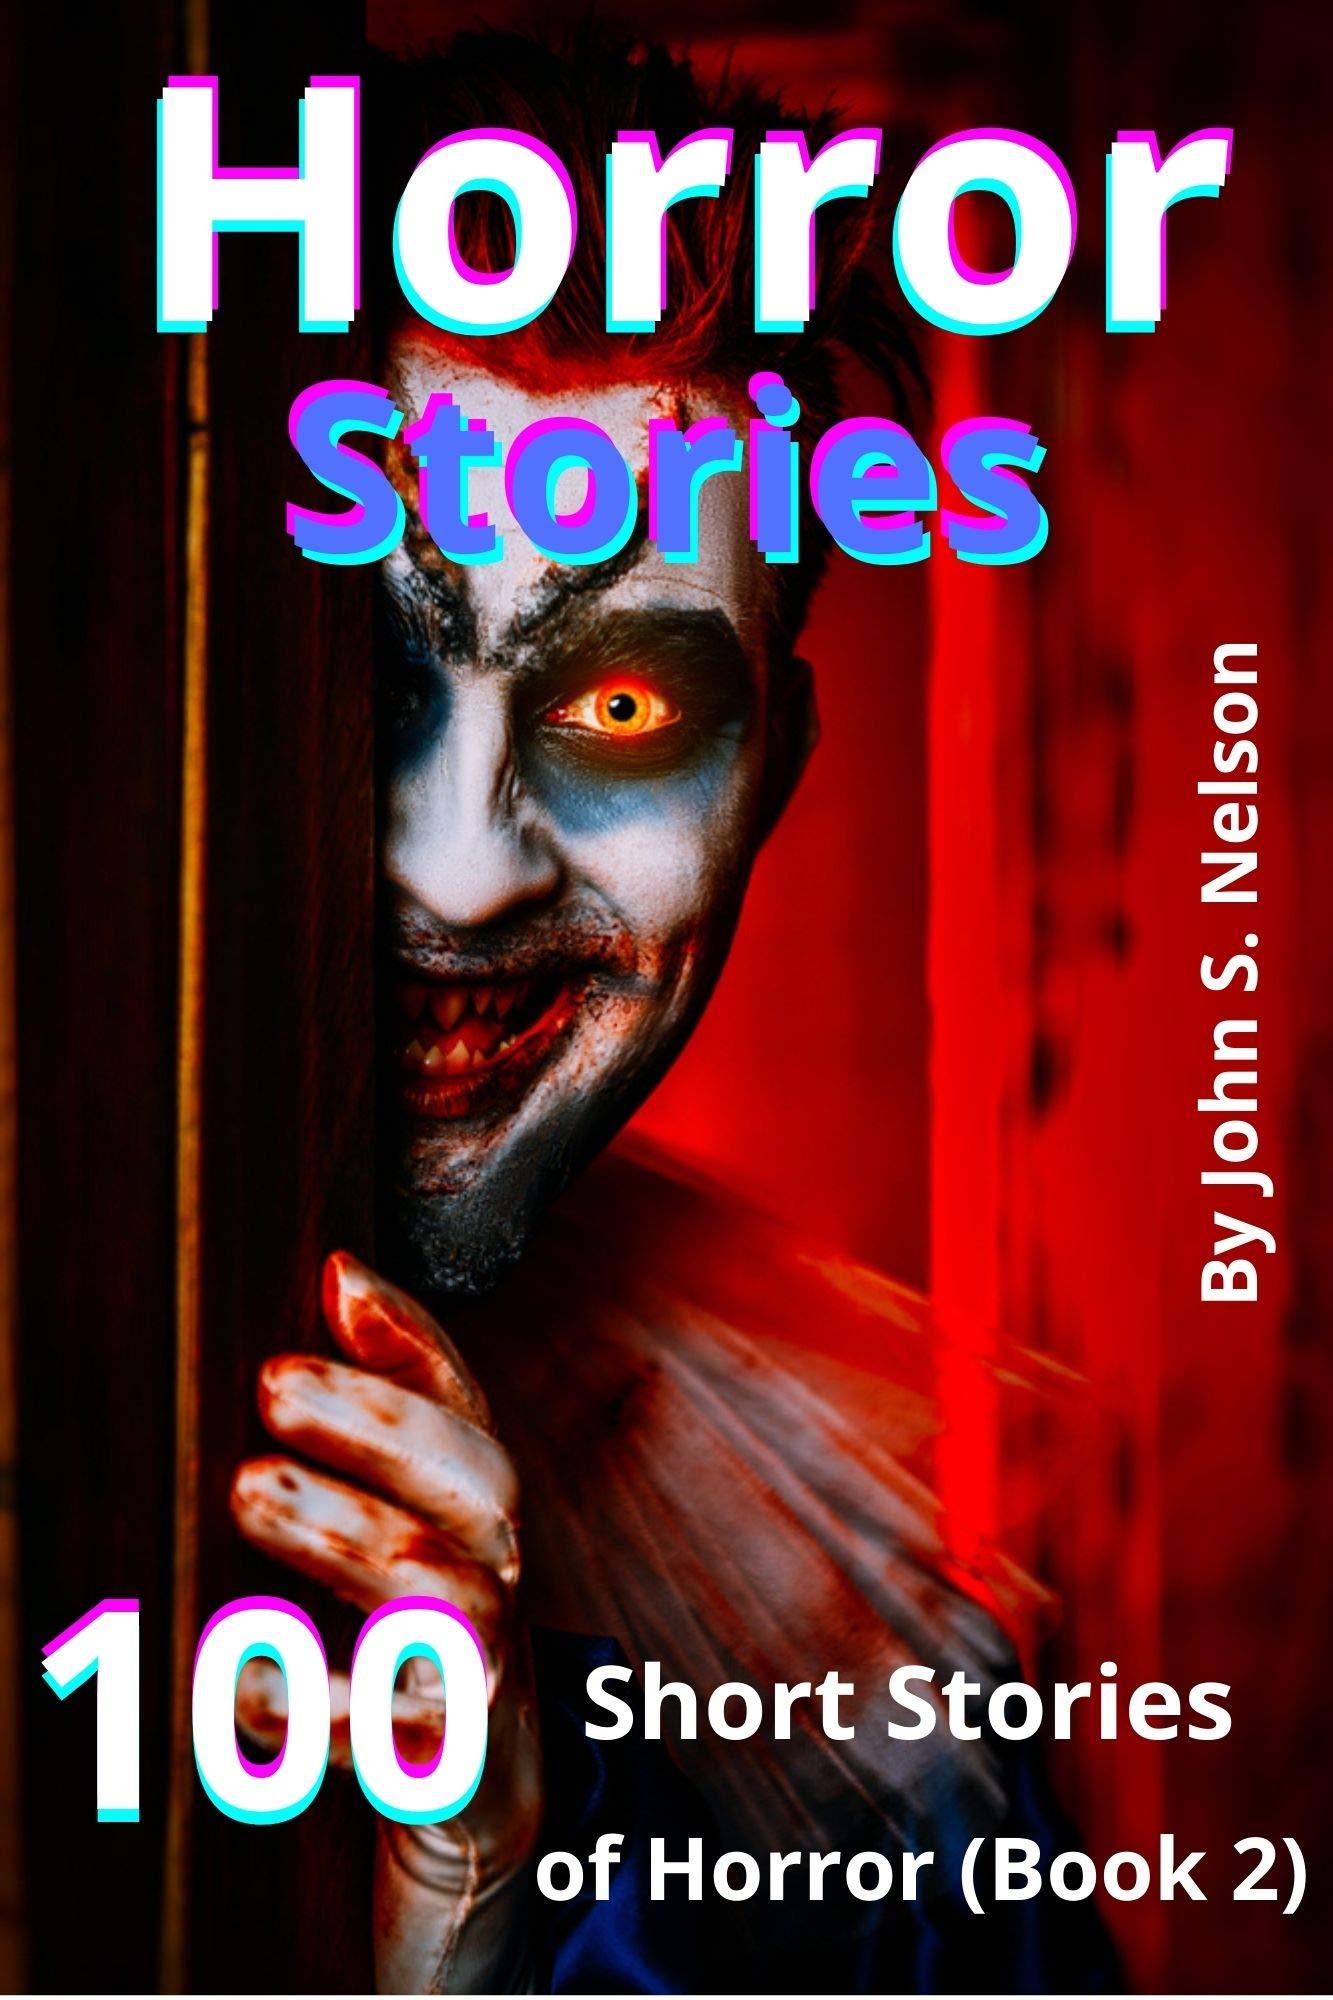 Horror Stories: 100 Short Stories of Horror (Book 2)